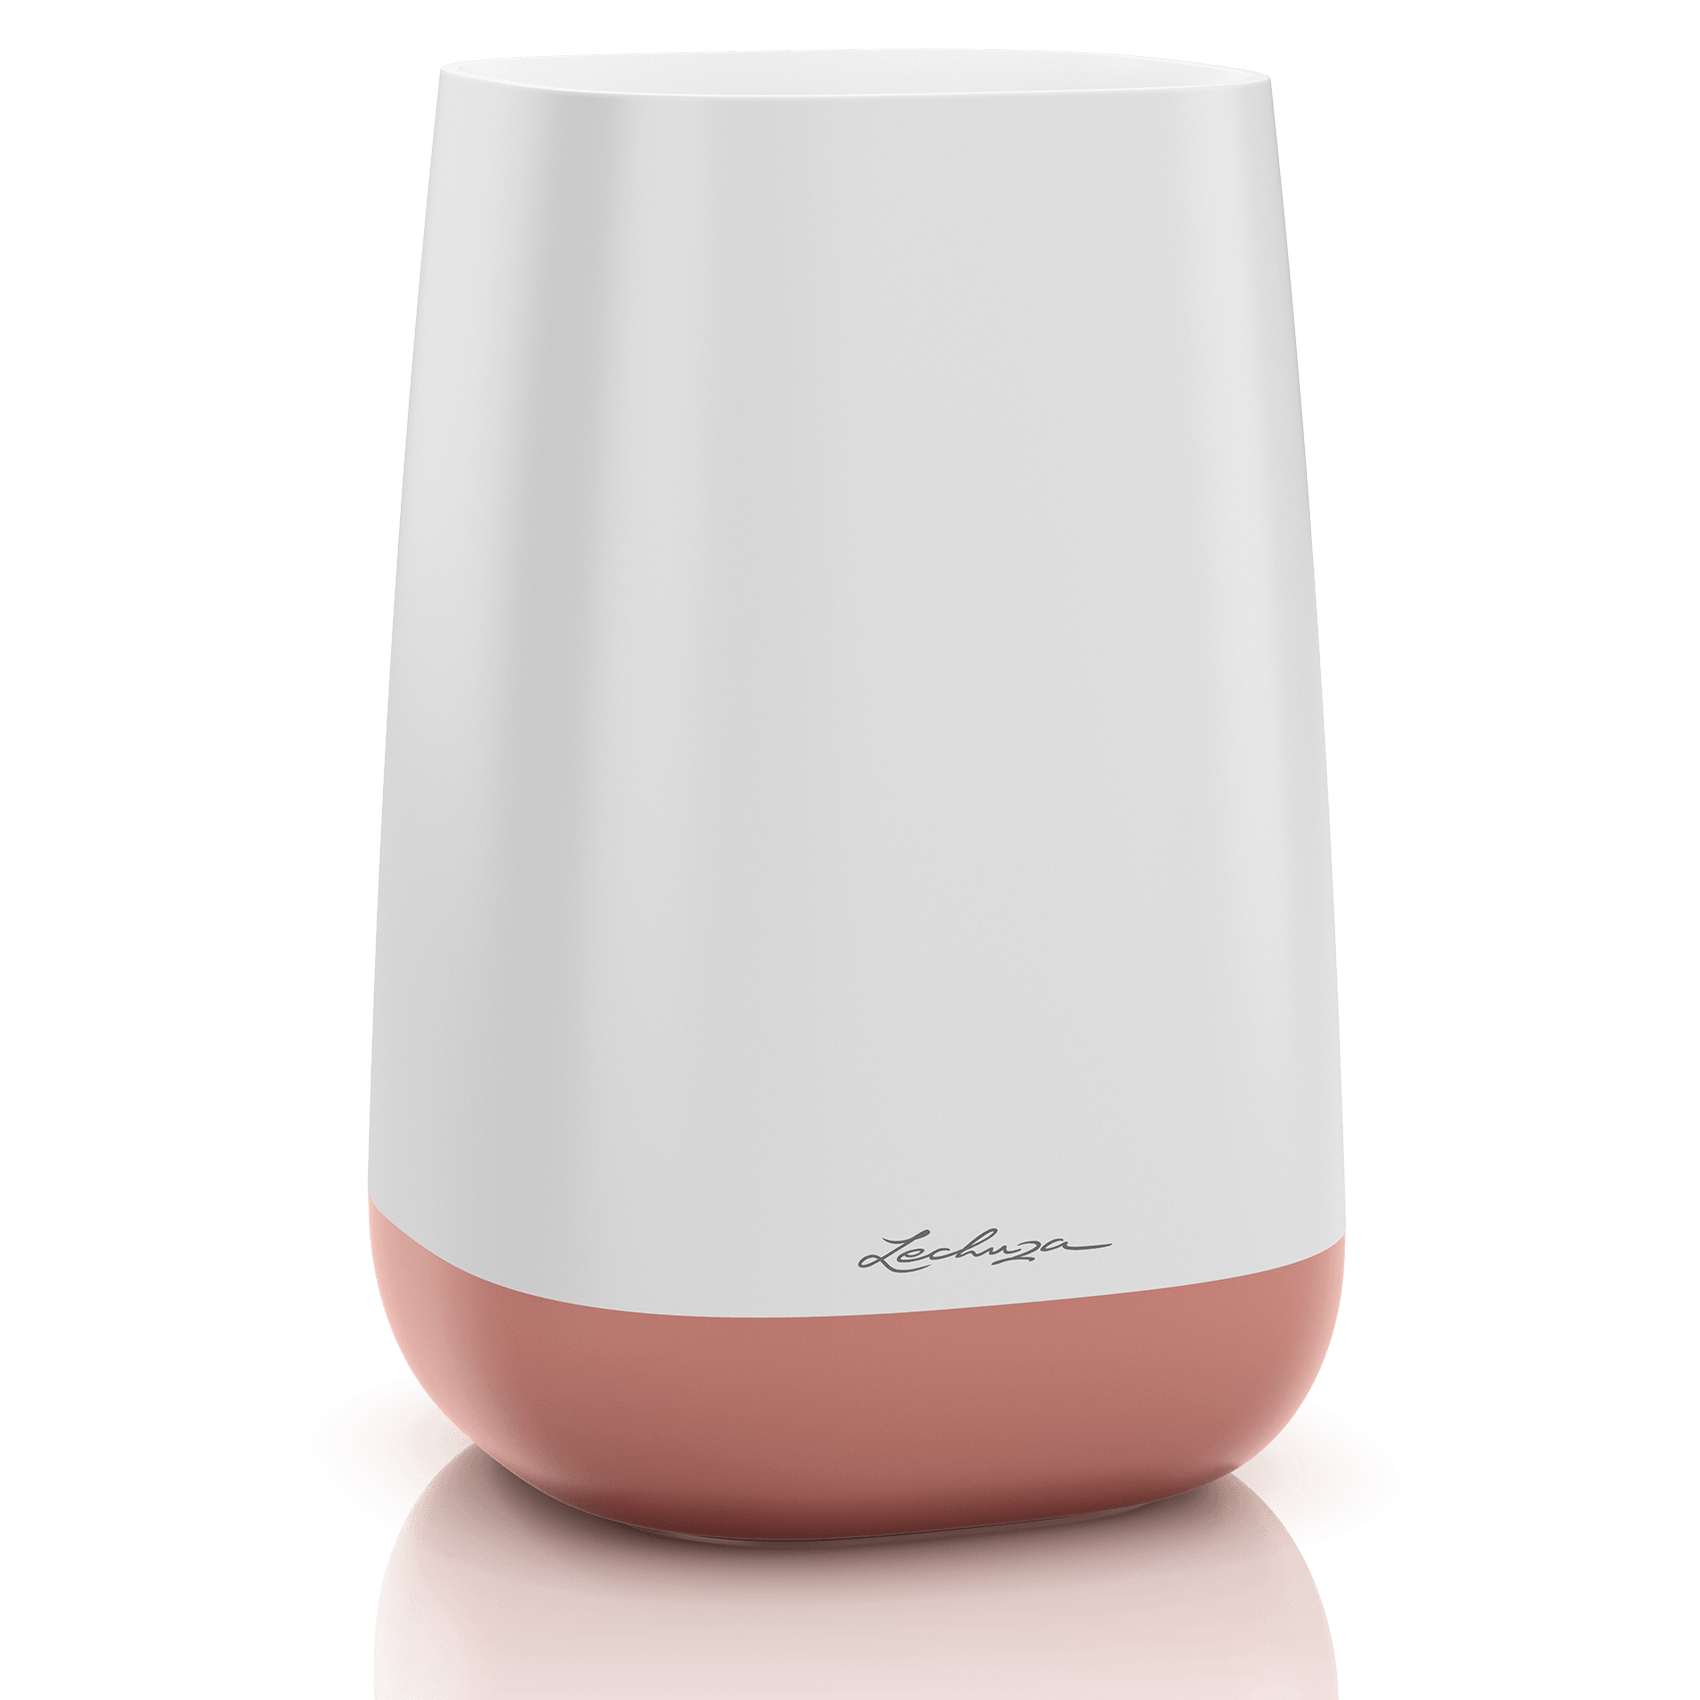 Flower YULA blanco/rosa perlado satinado